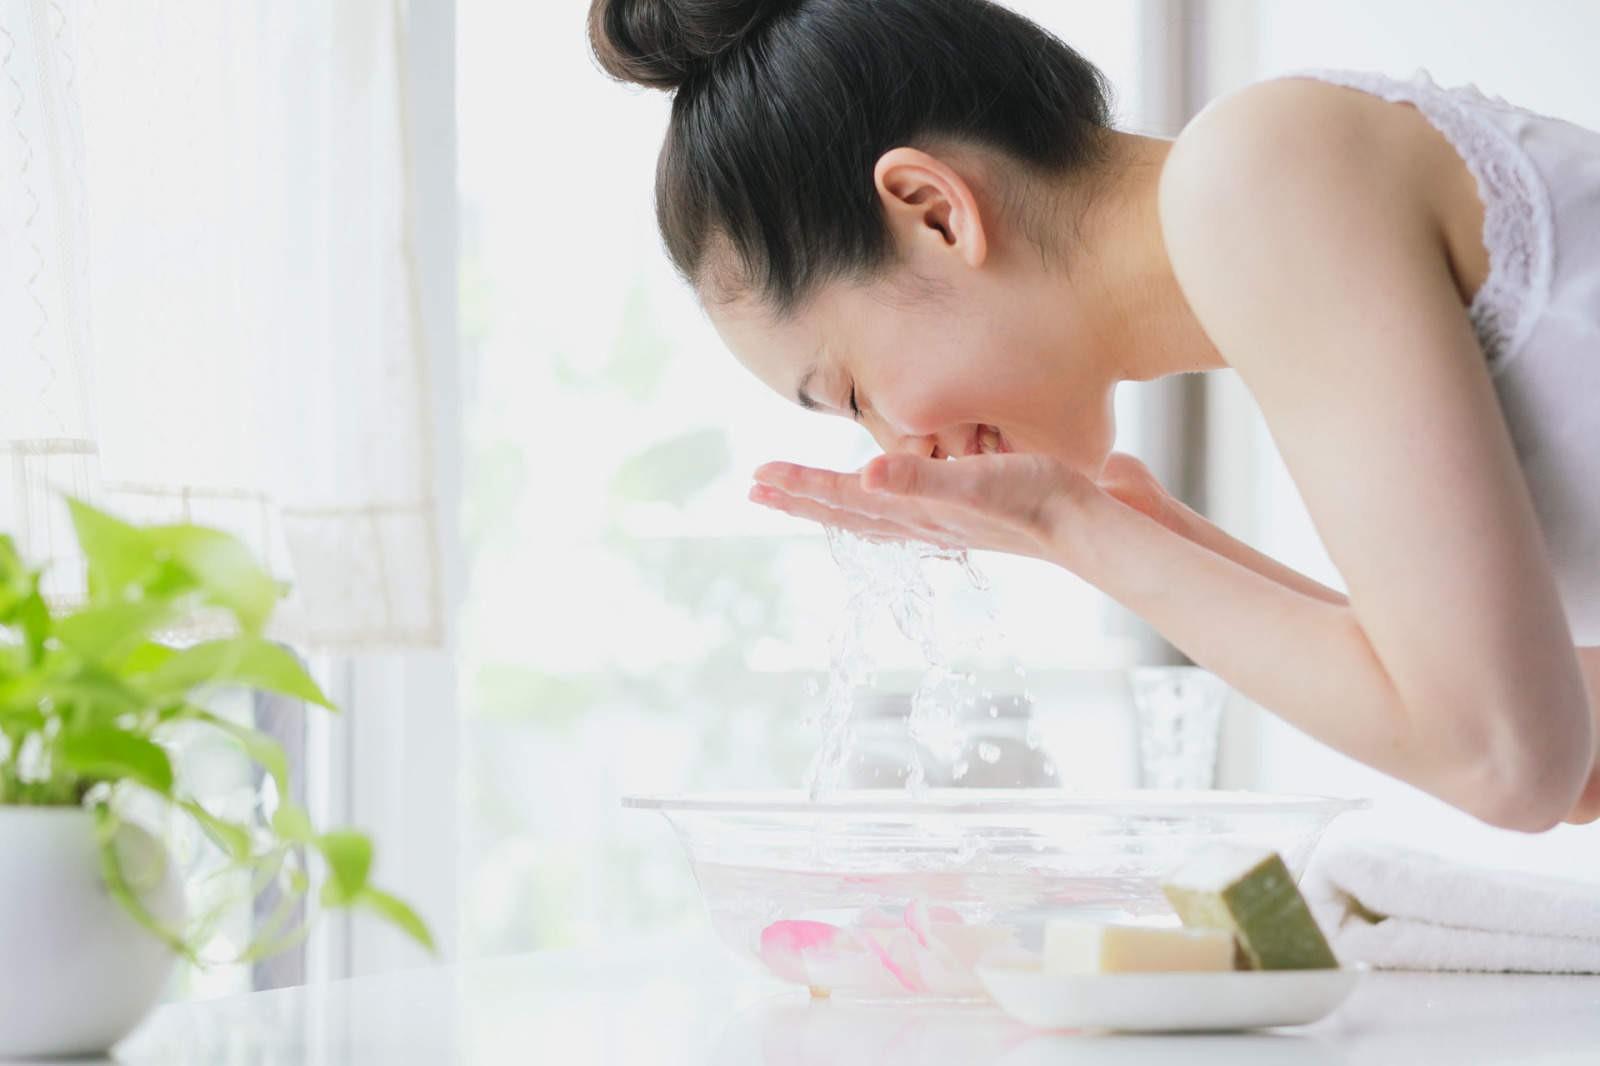 6 nguyên tắc chăm sóc da được con gái Hàn thực hiện mỗi ngày để có được làn da luôn tươi trẻ - Ảnh 1.